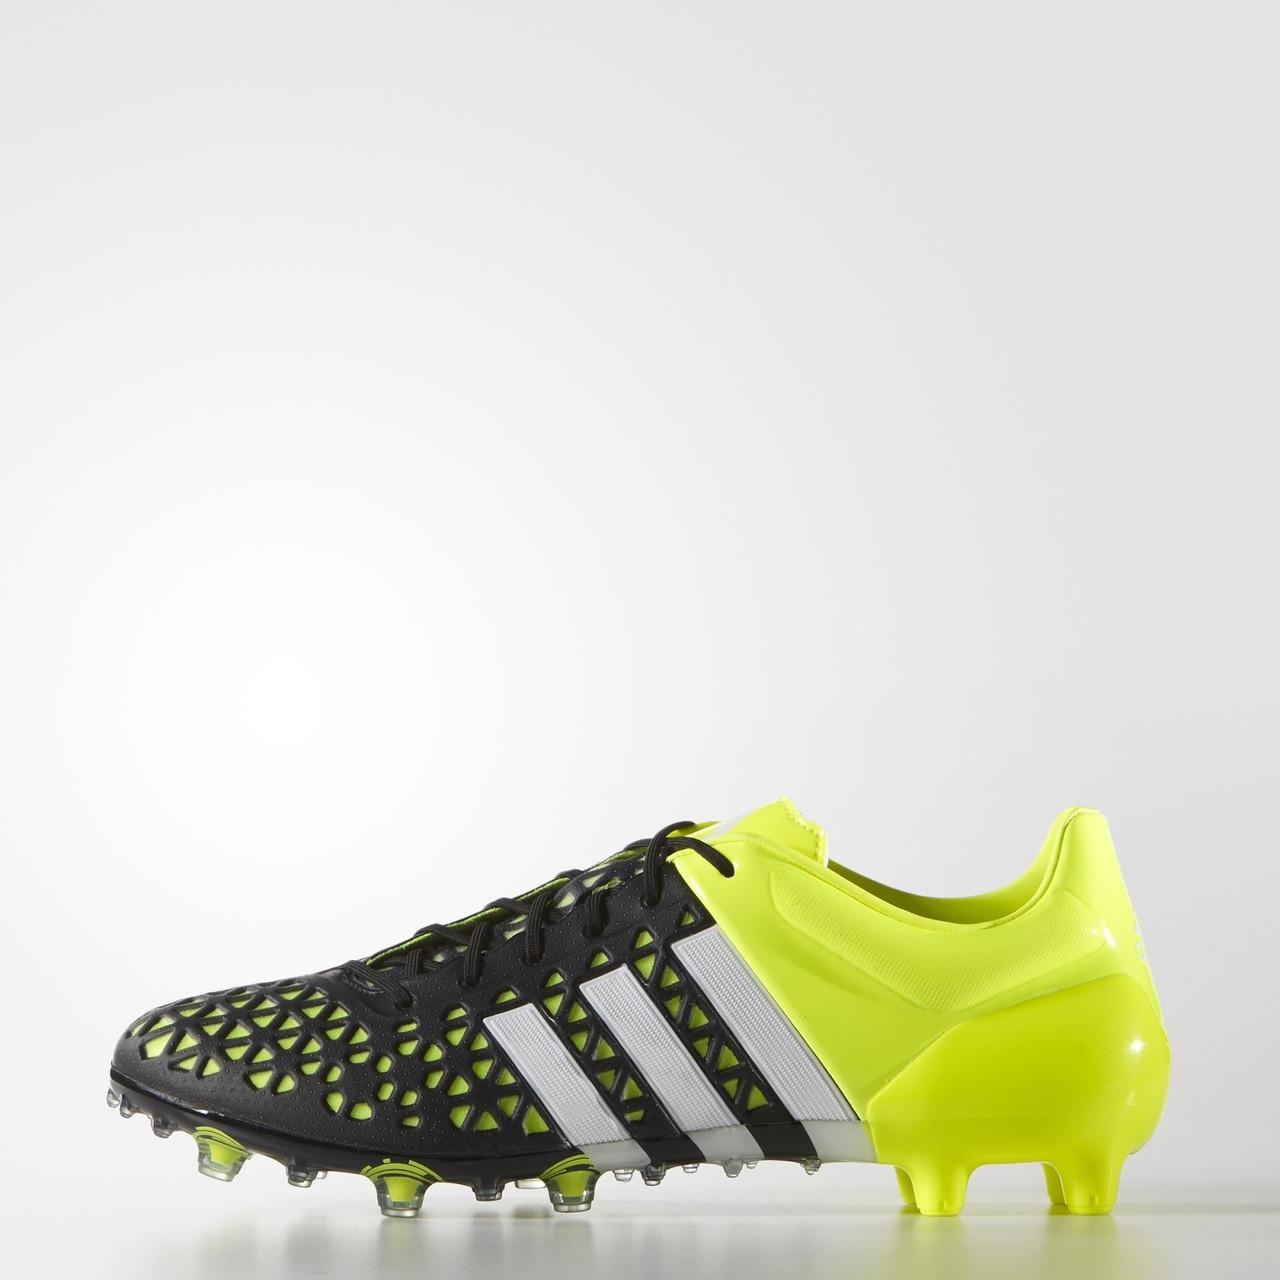 f916b203 Футбольные Бутсы Adidas ACE 15.1 FG B32857: продажа, цена в Харькове ...